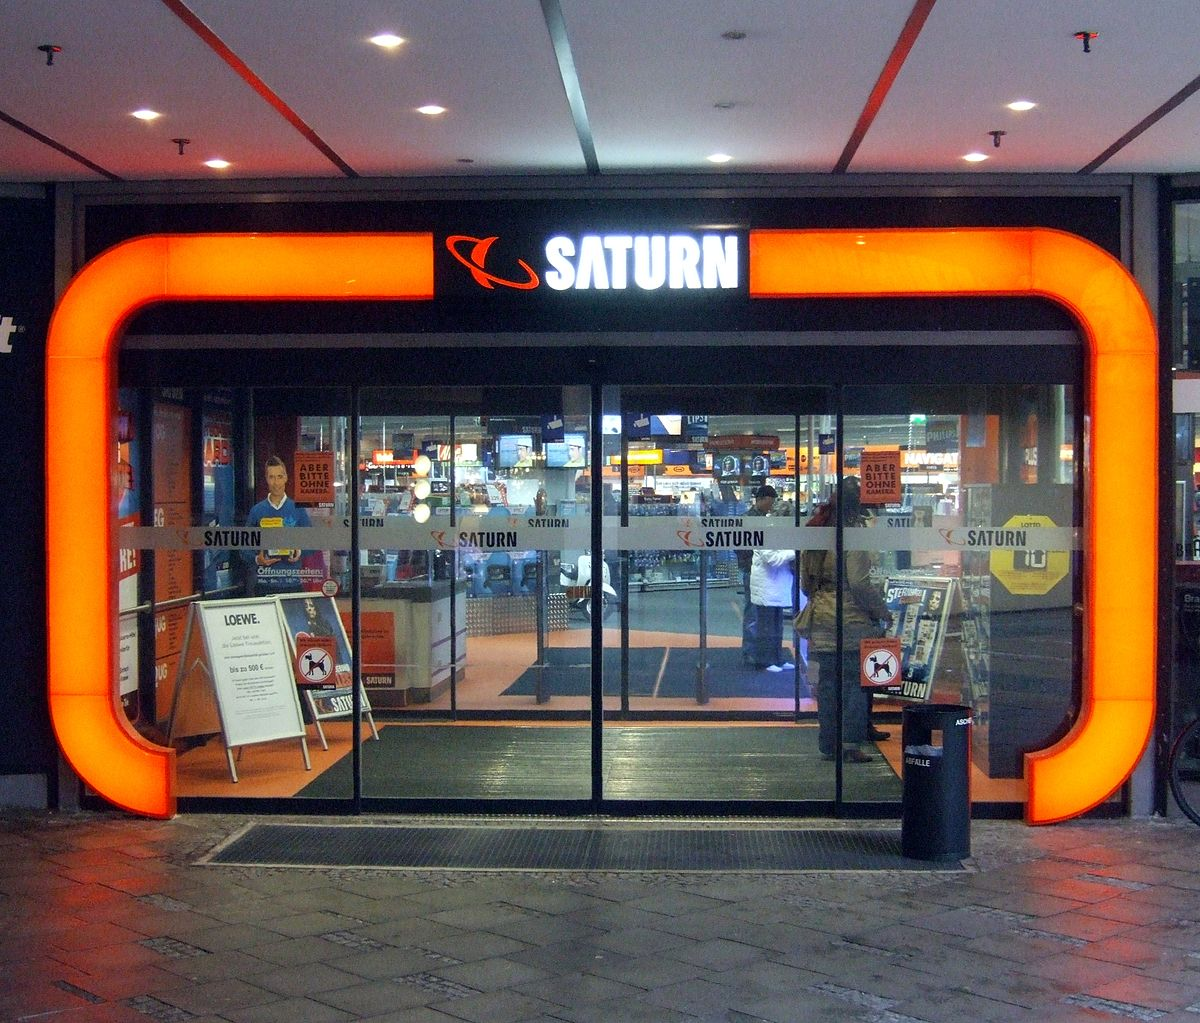 Saturn-Markt Theresienhöhe München Eingang.jpg